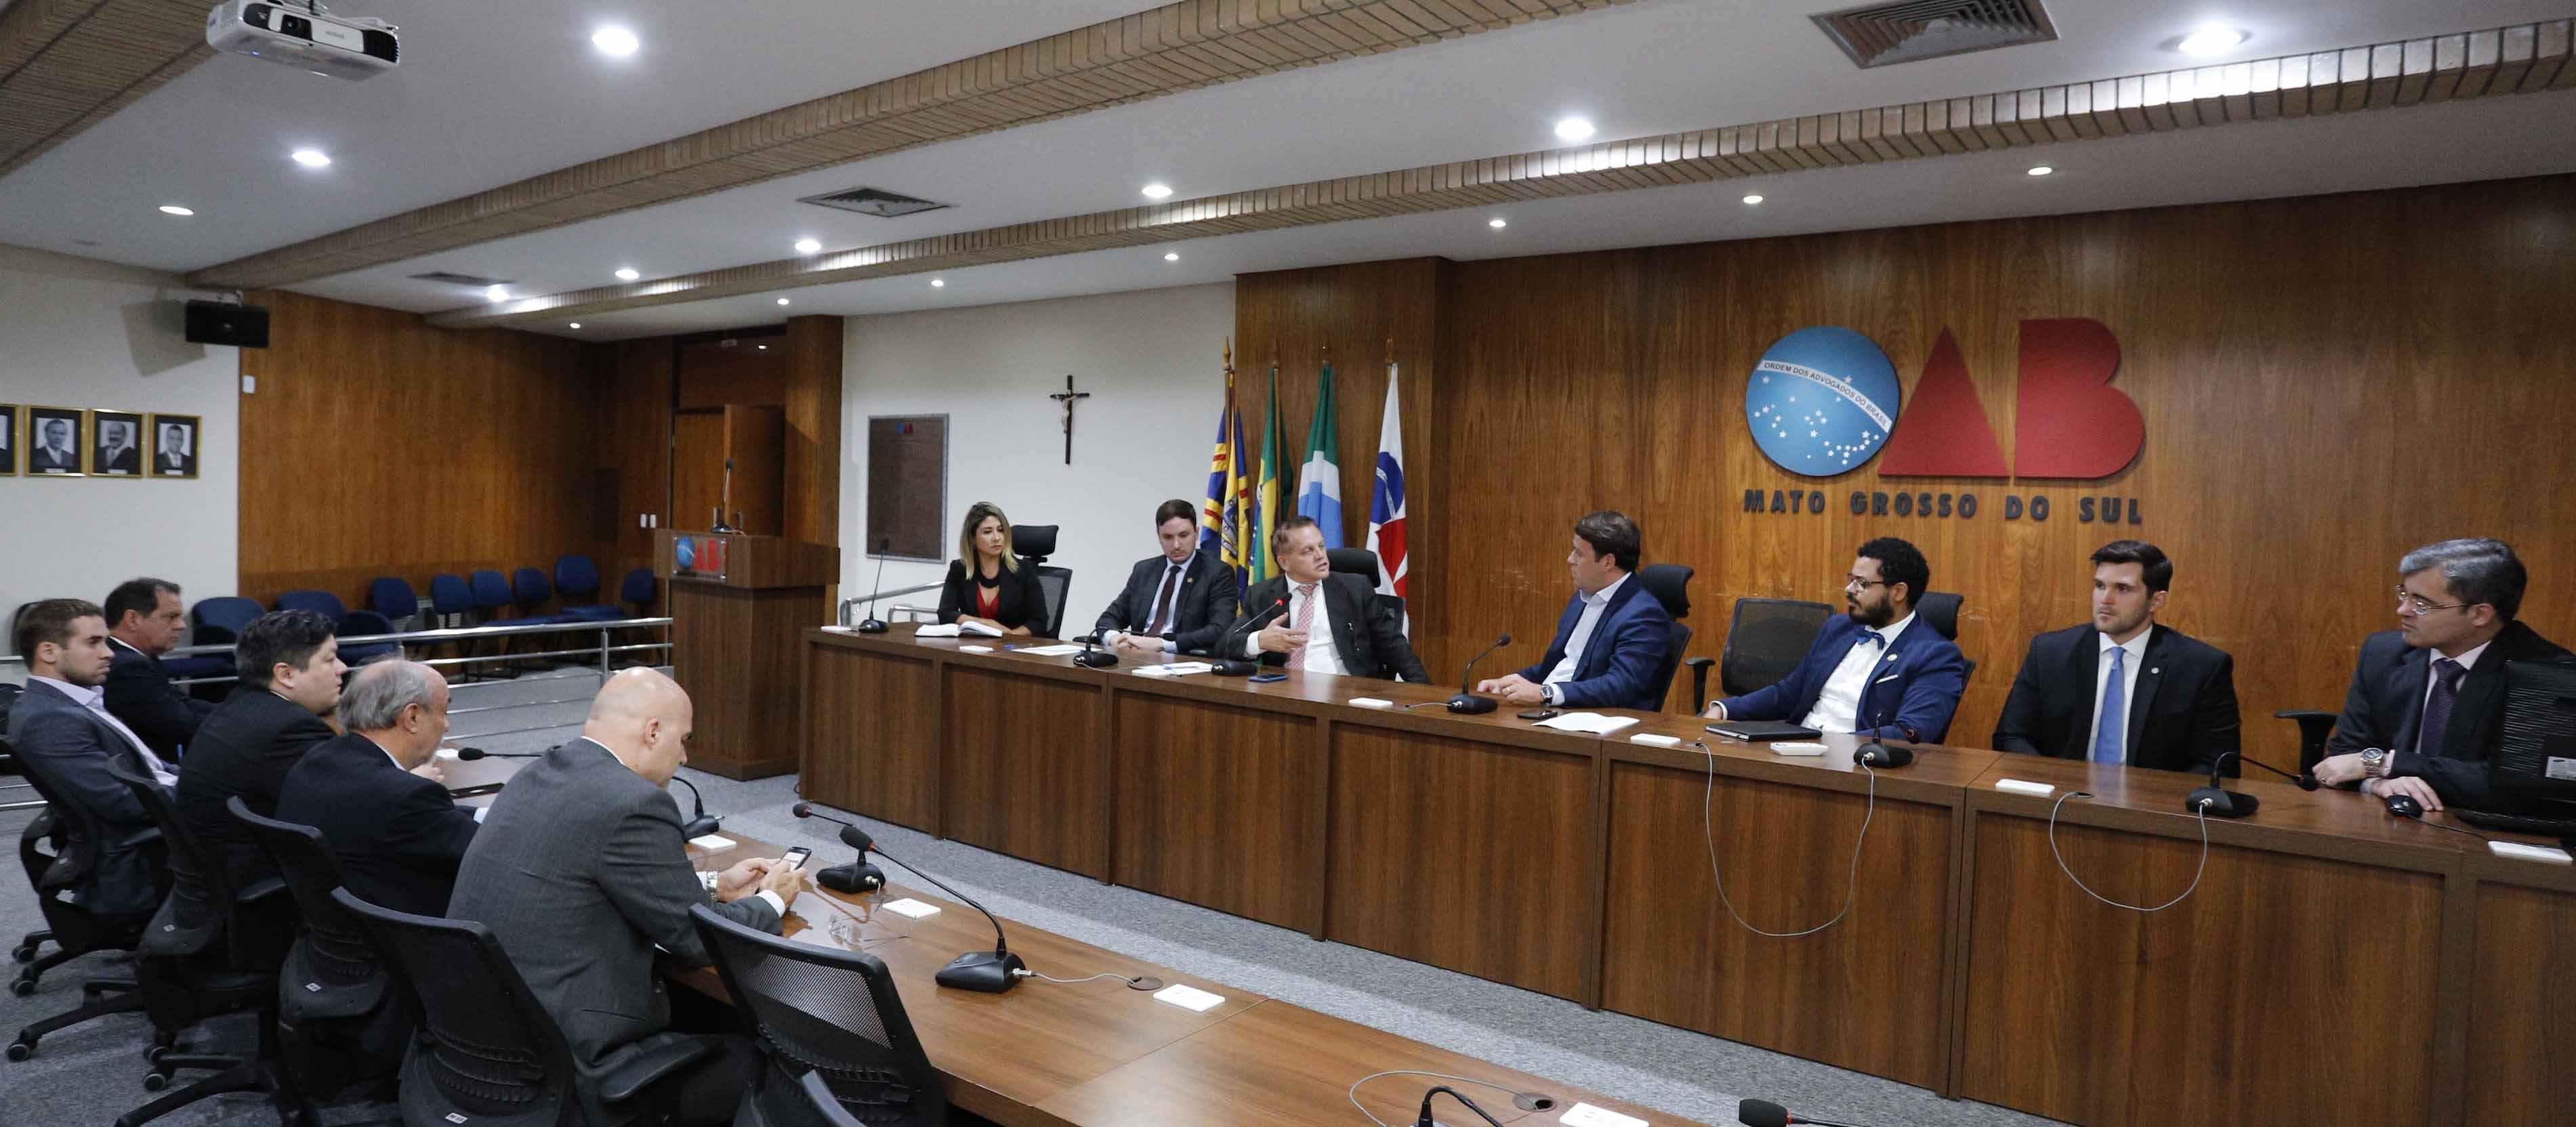 OAB/MS recebe Secretário Estadual de Fazenda Felipe Mattos para discutir alta no preço da gasolina